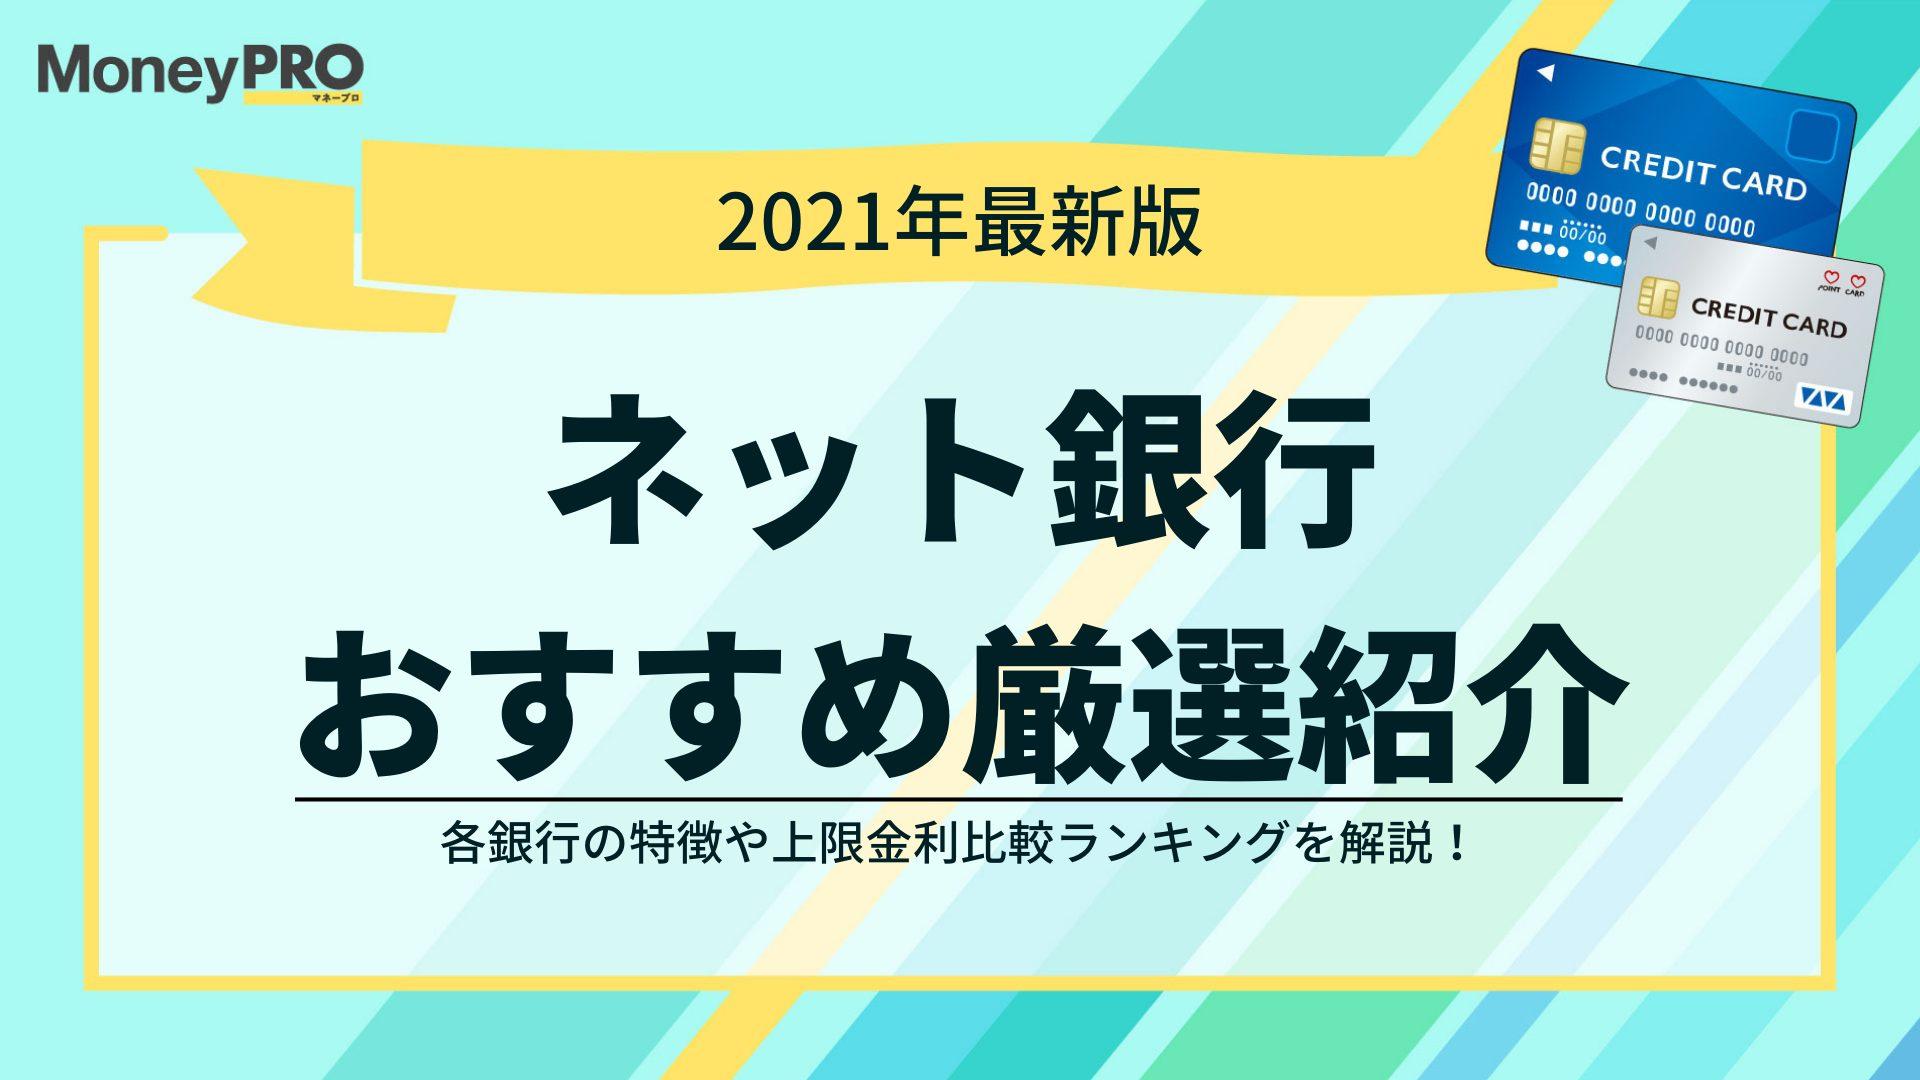 【2021年最新】おすすめネット銀行比較ランキング!人気各社をご紹介!